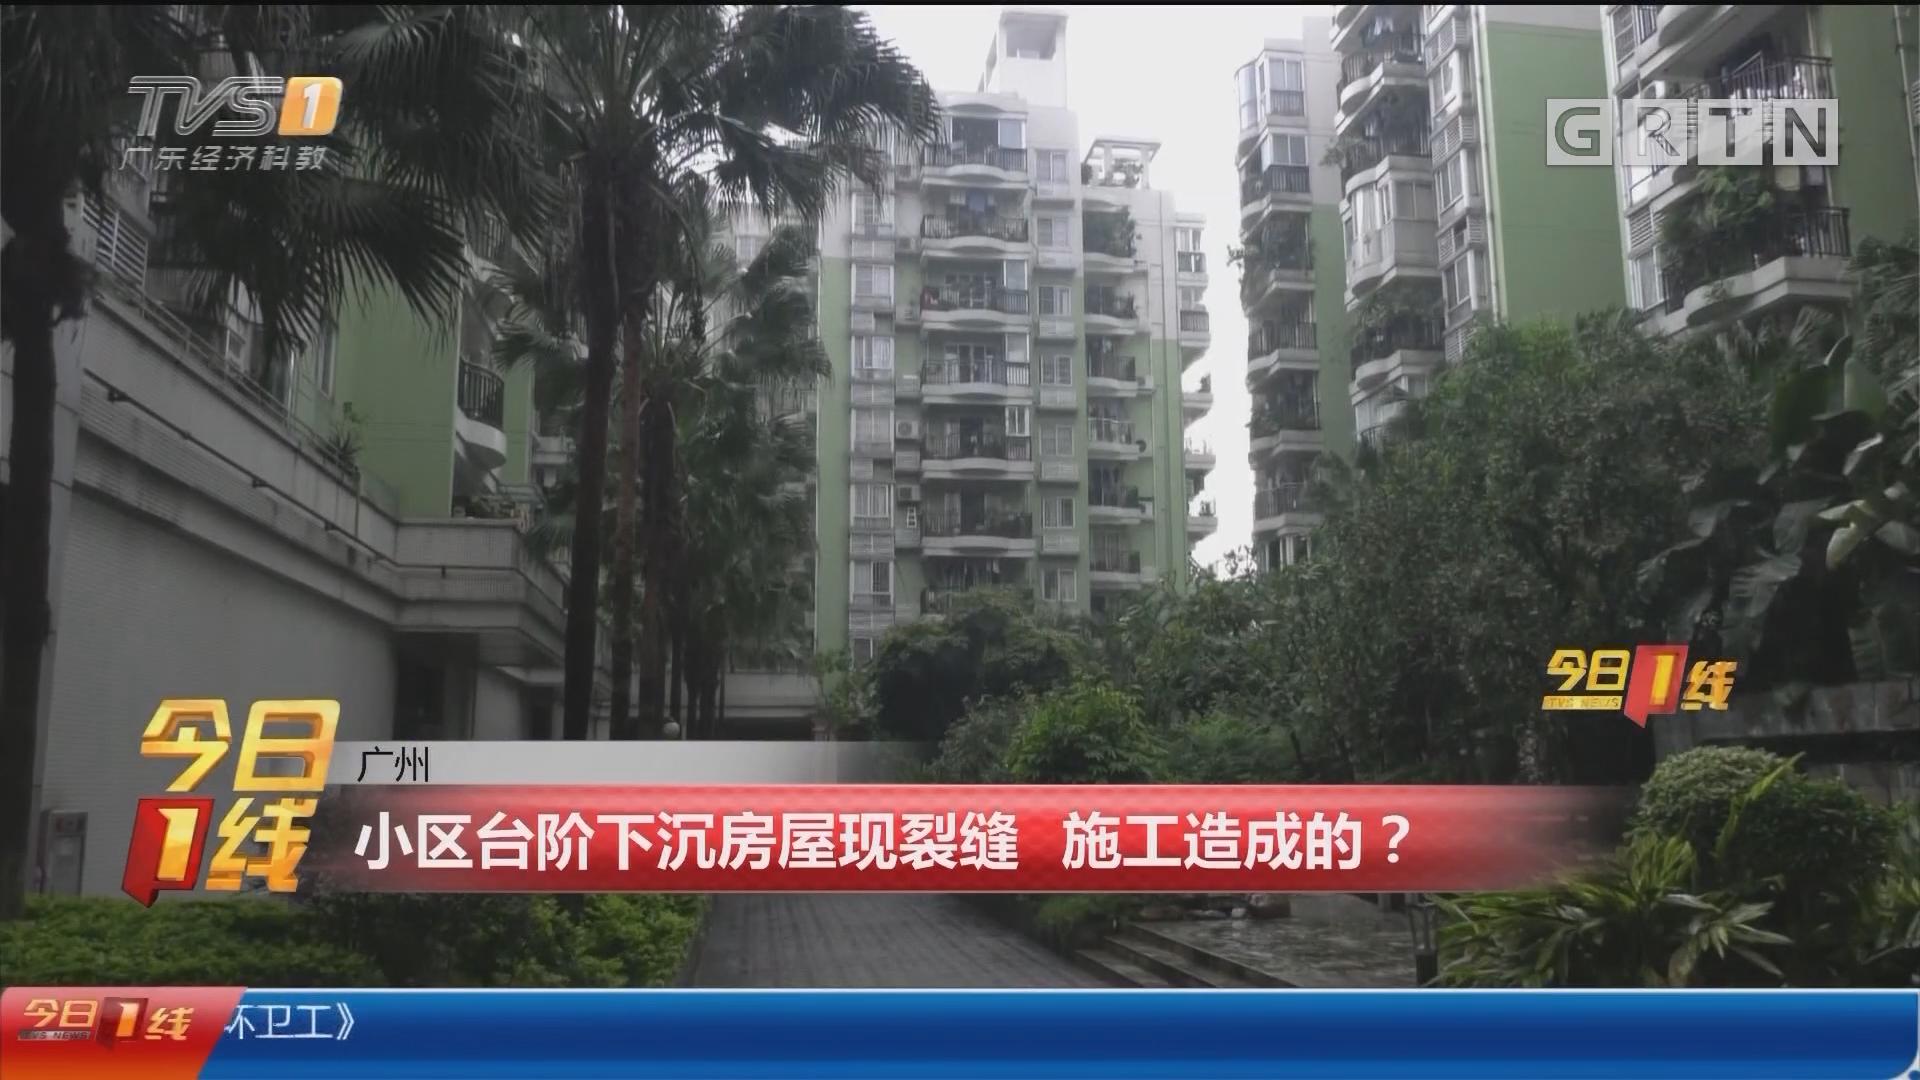 广州:小区台阶下沉房屋现裂缝 施工造成的?